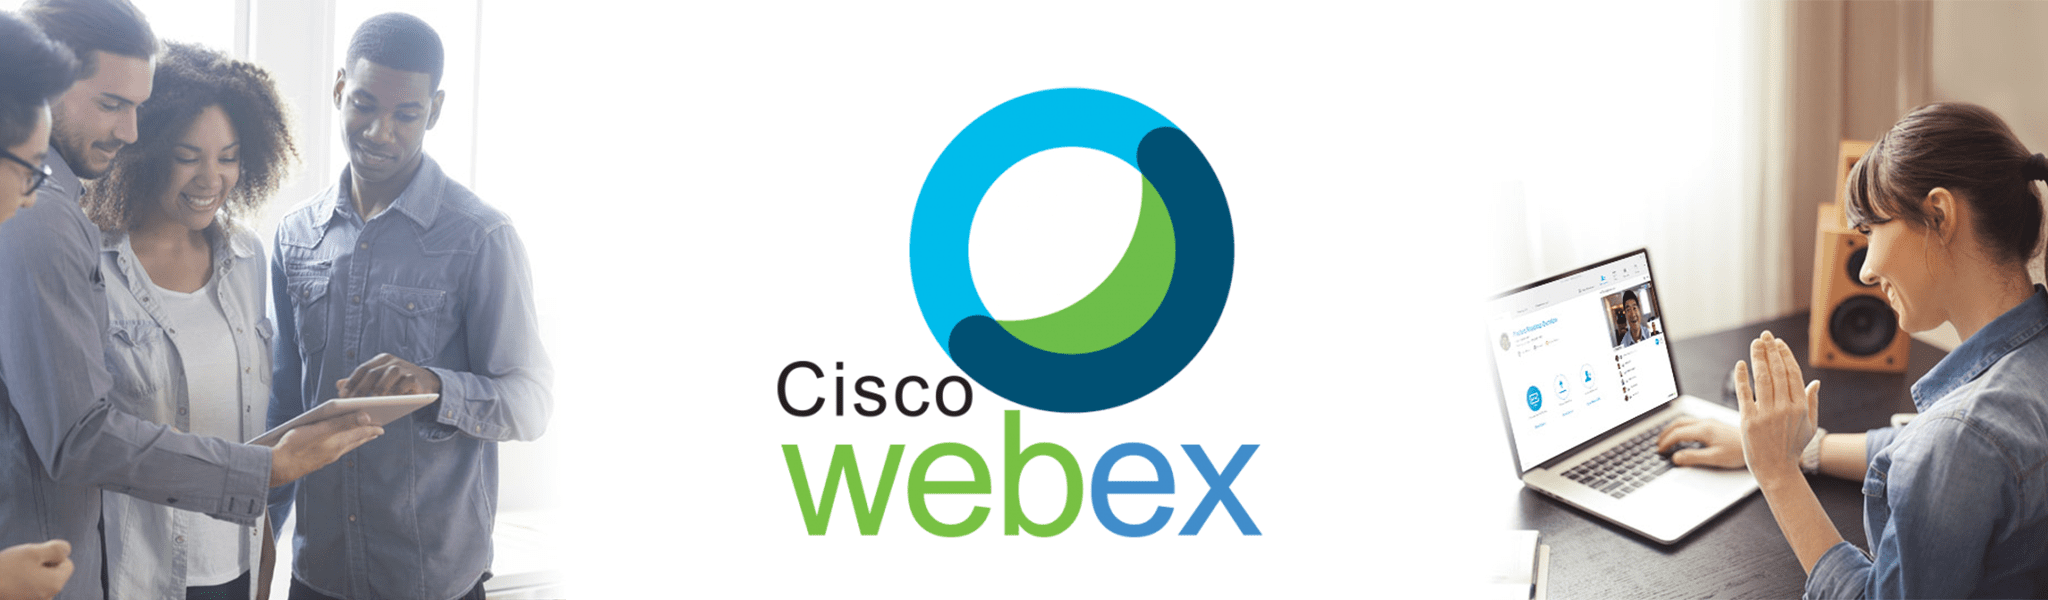 Cisco-Webex-Licencias-Venta-Suscripciones-México